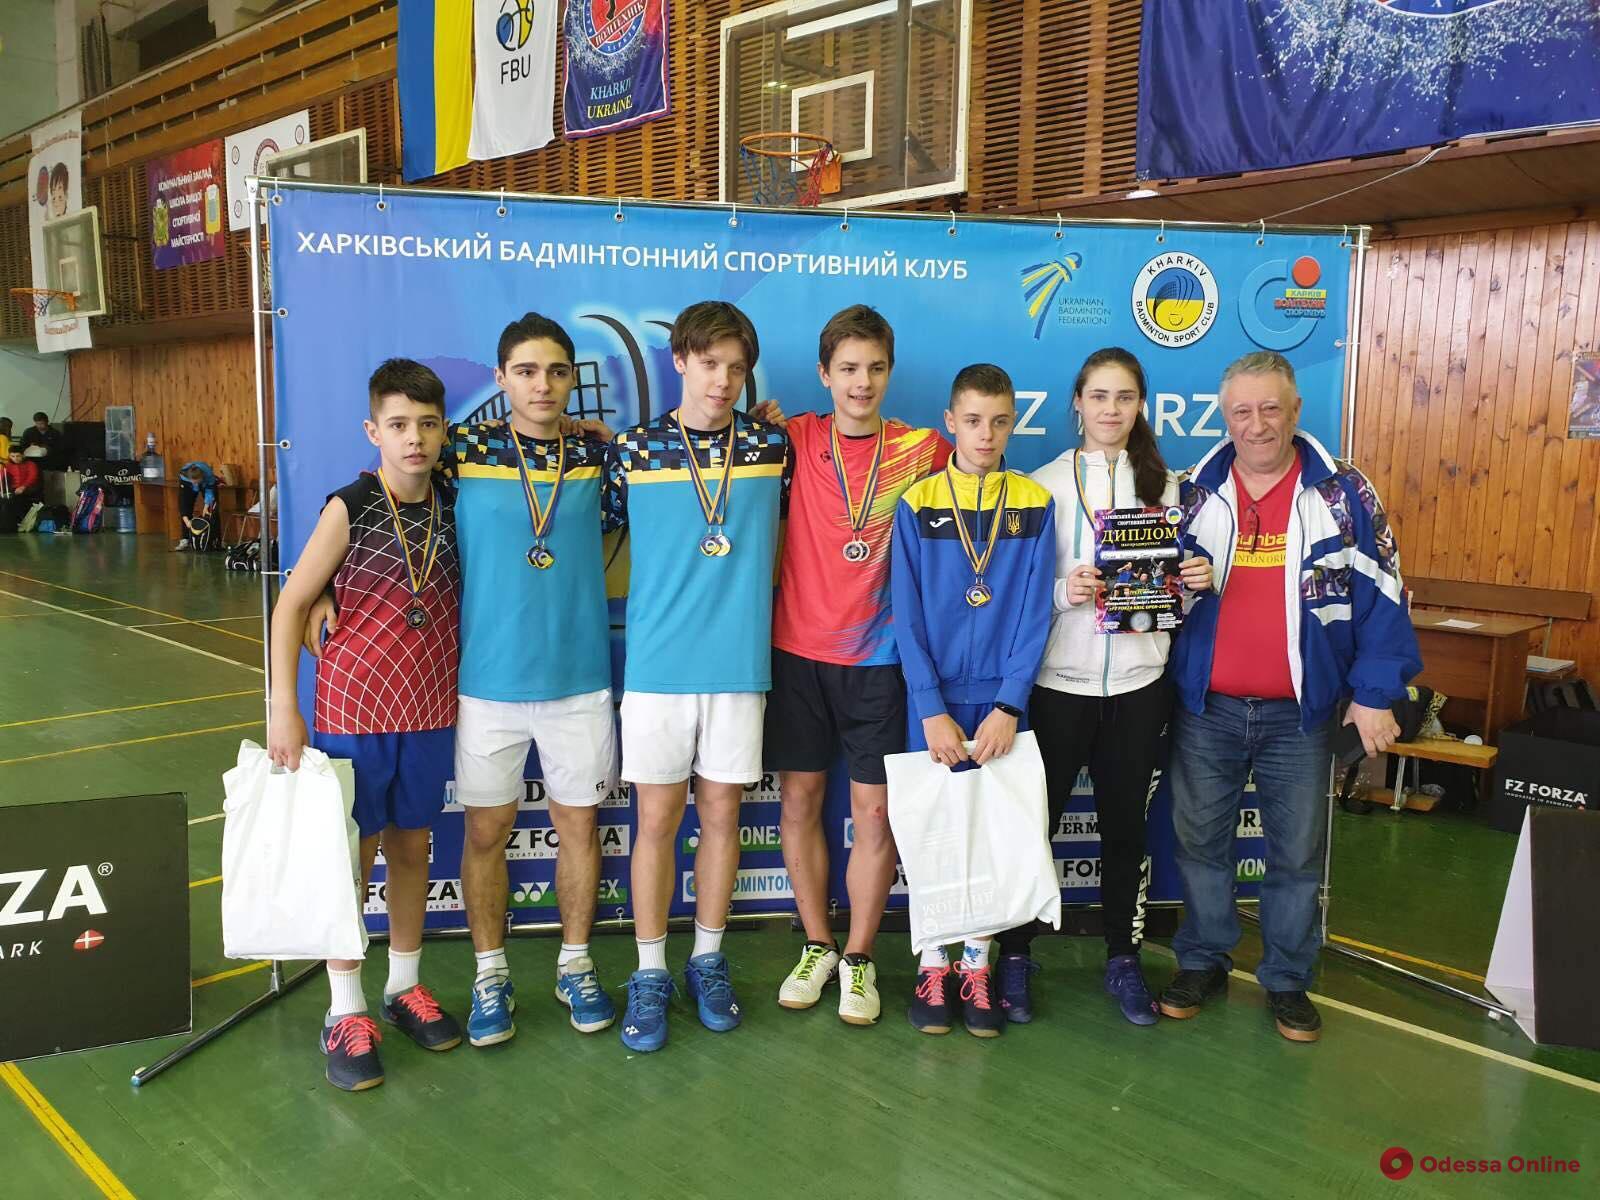 Бадминтон: одесситы успешно выступили во всеукраинском турнире в Харькове